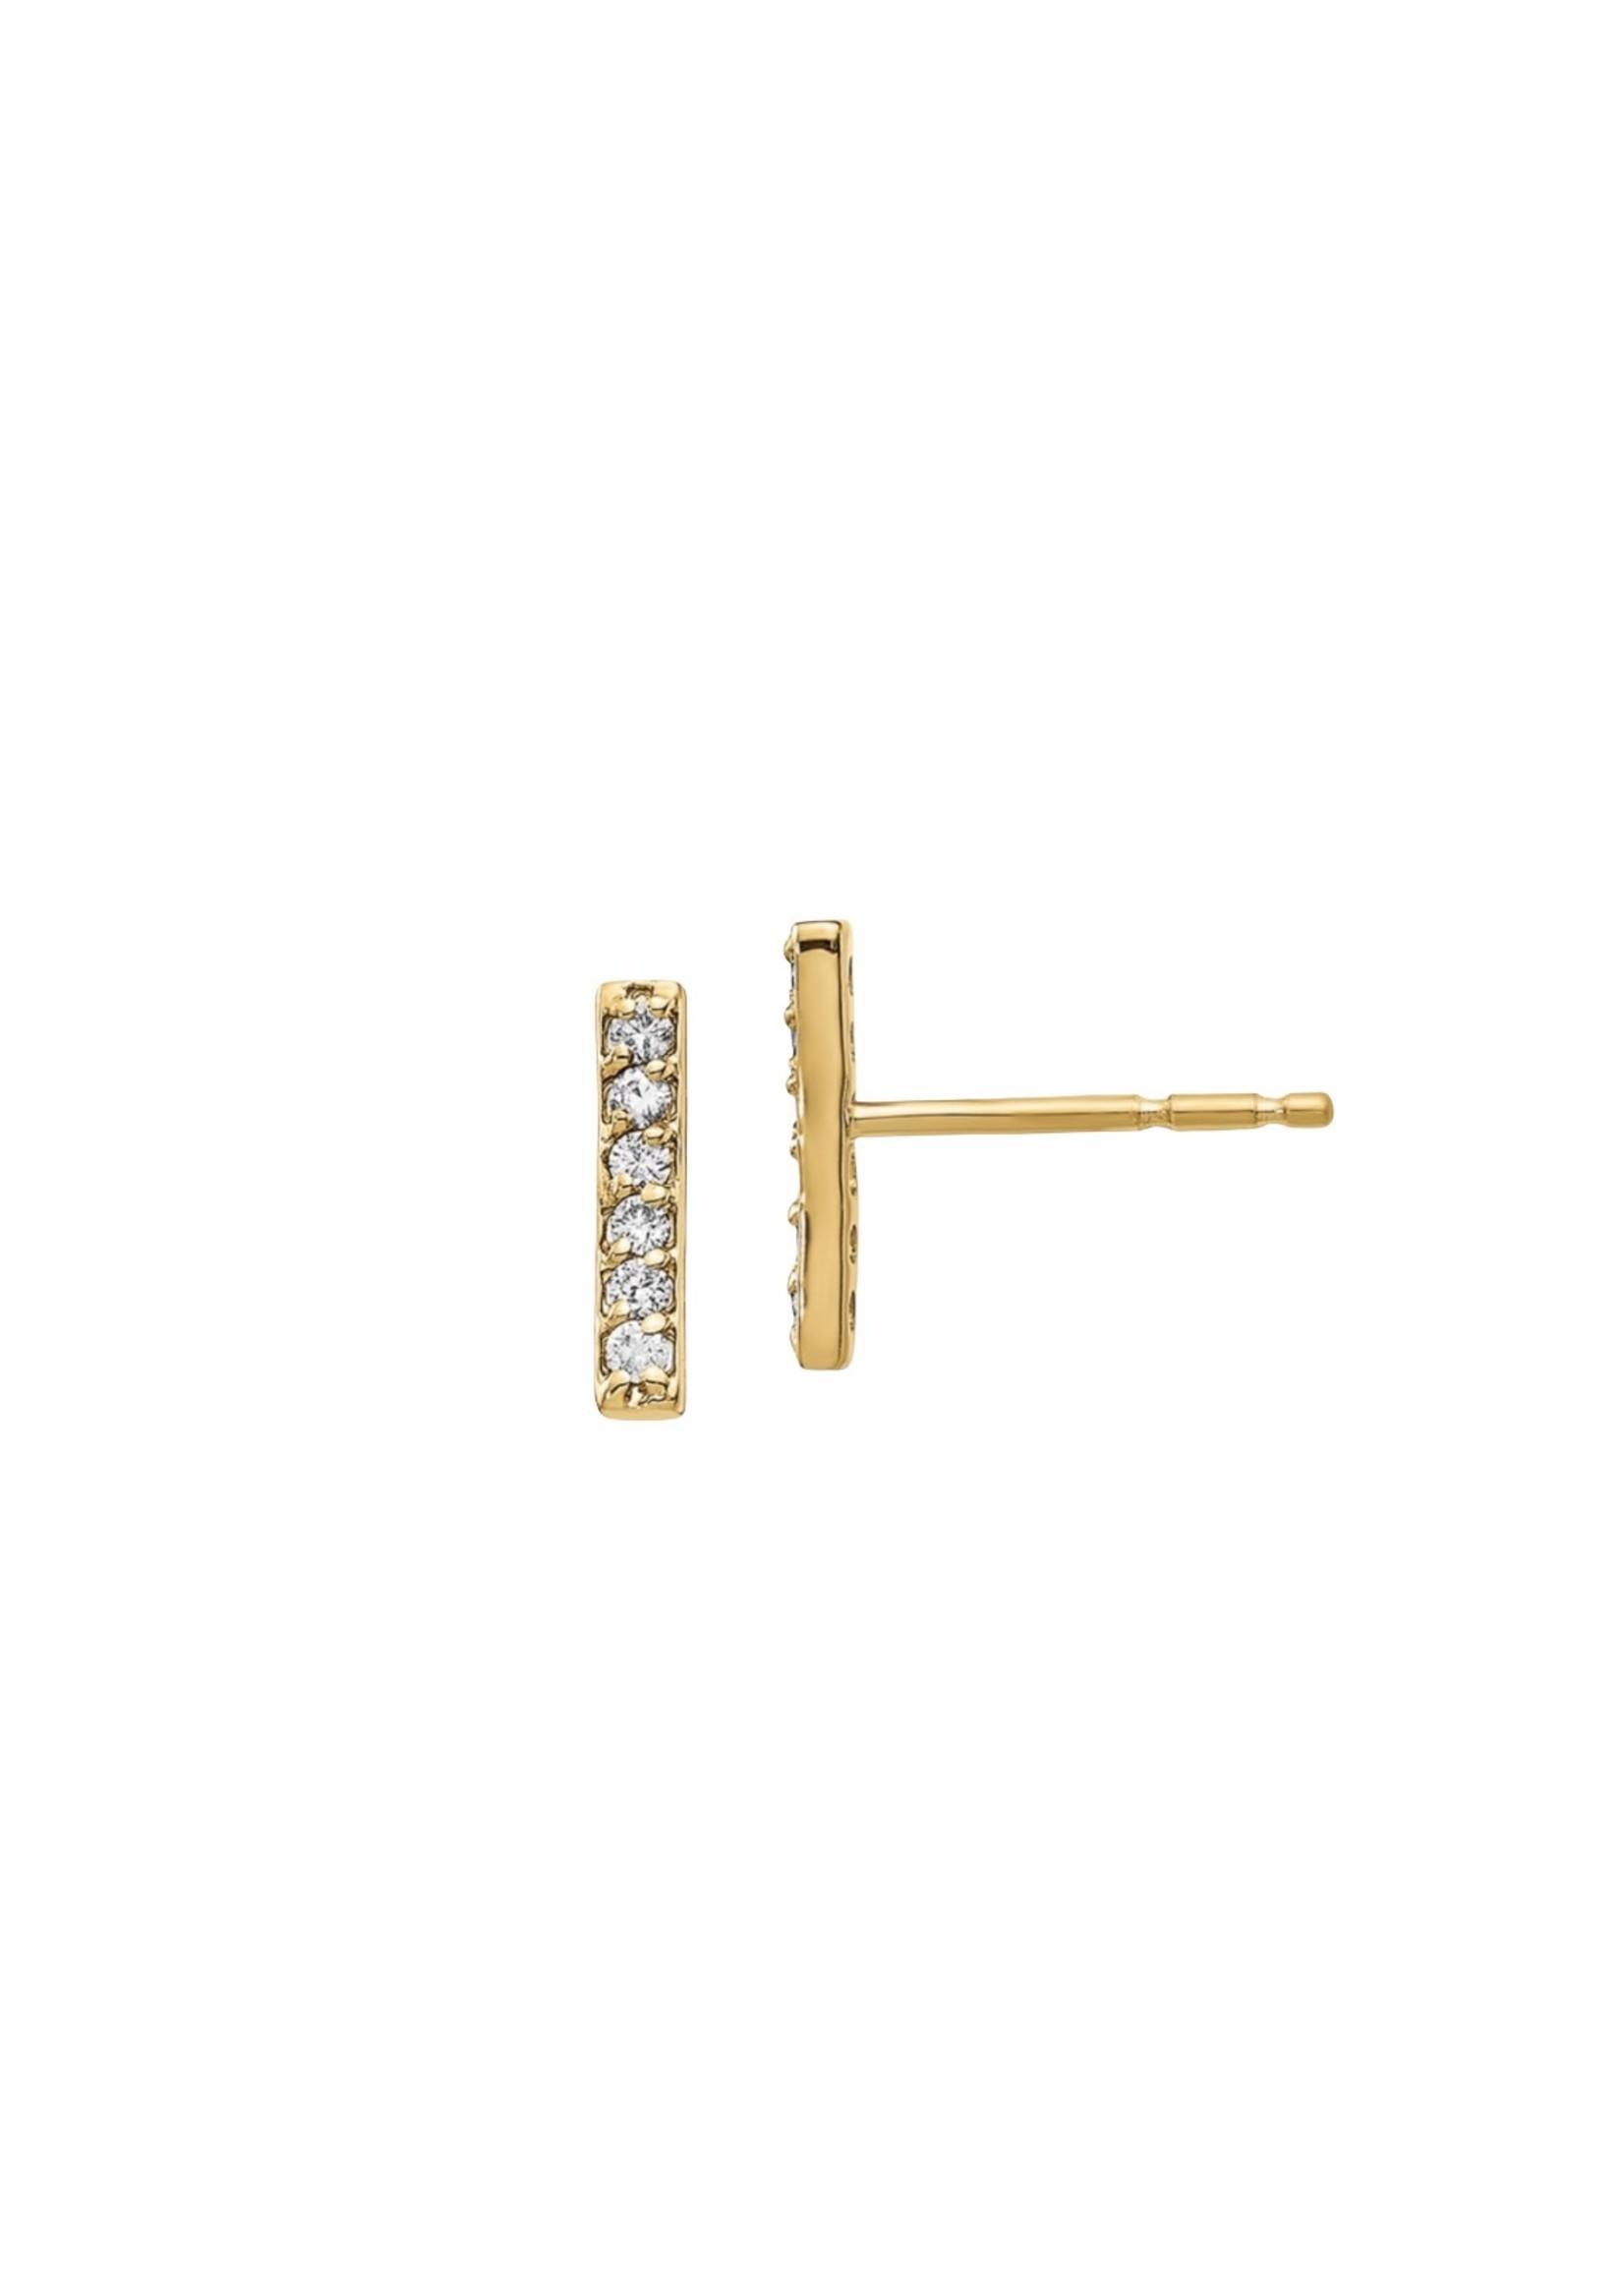 Jill Alberts Diamond Bar Stud Earrings